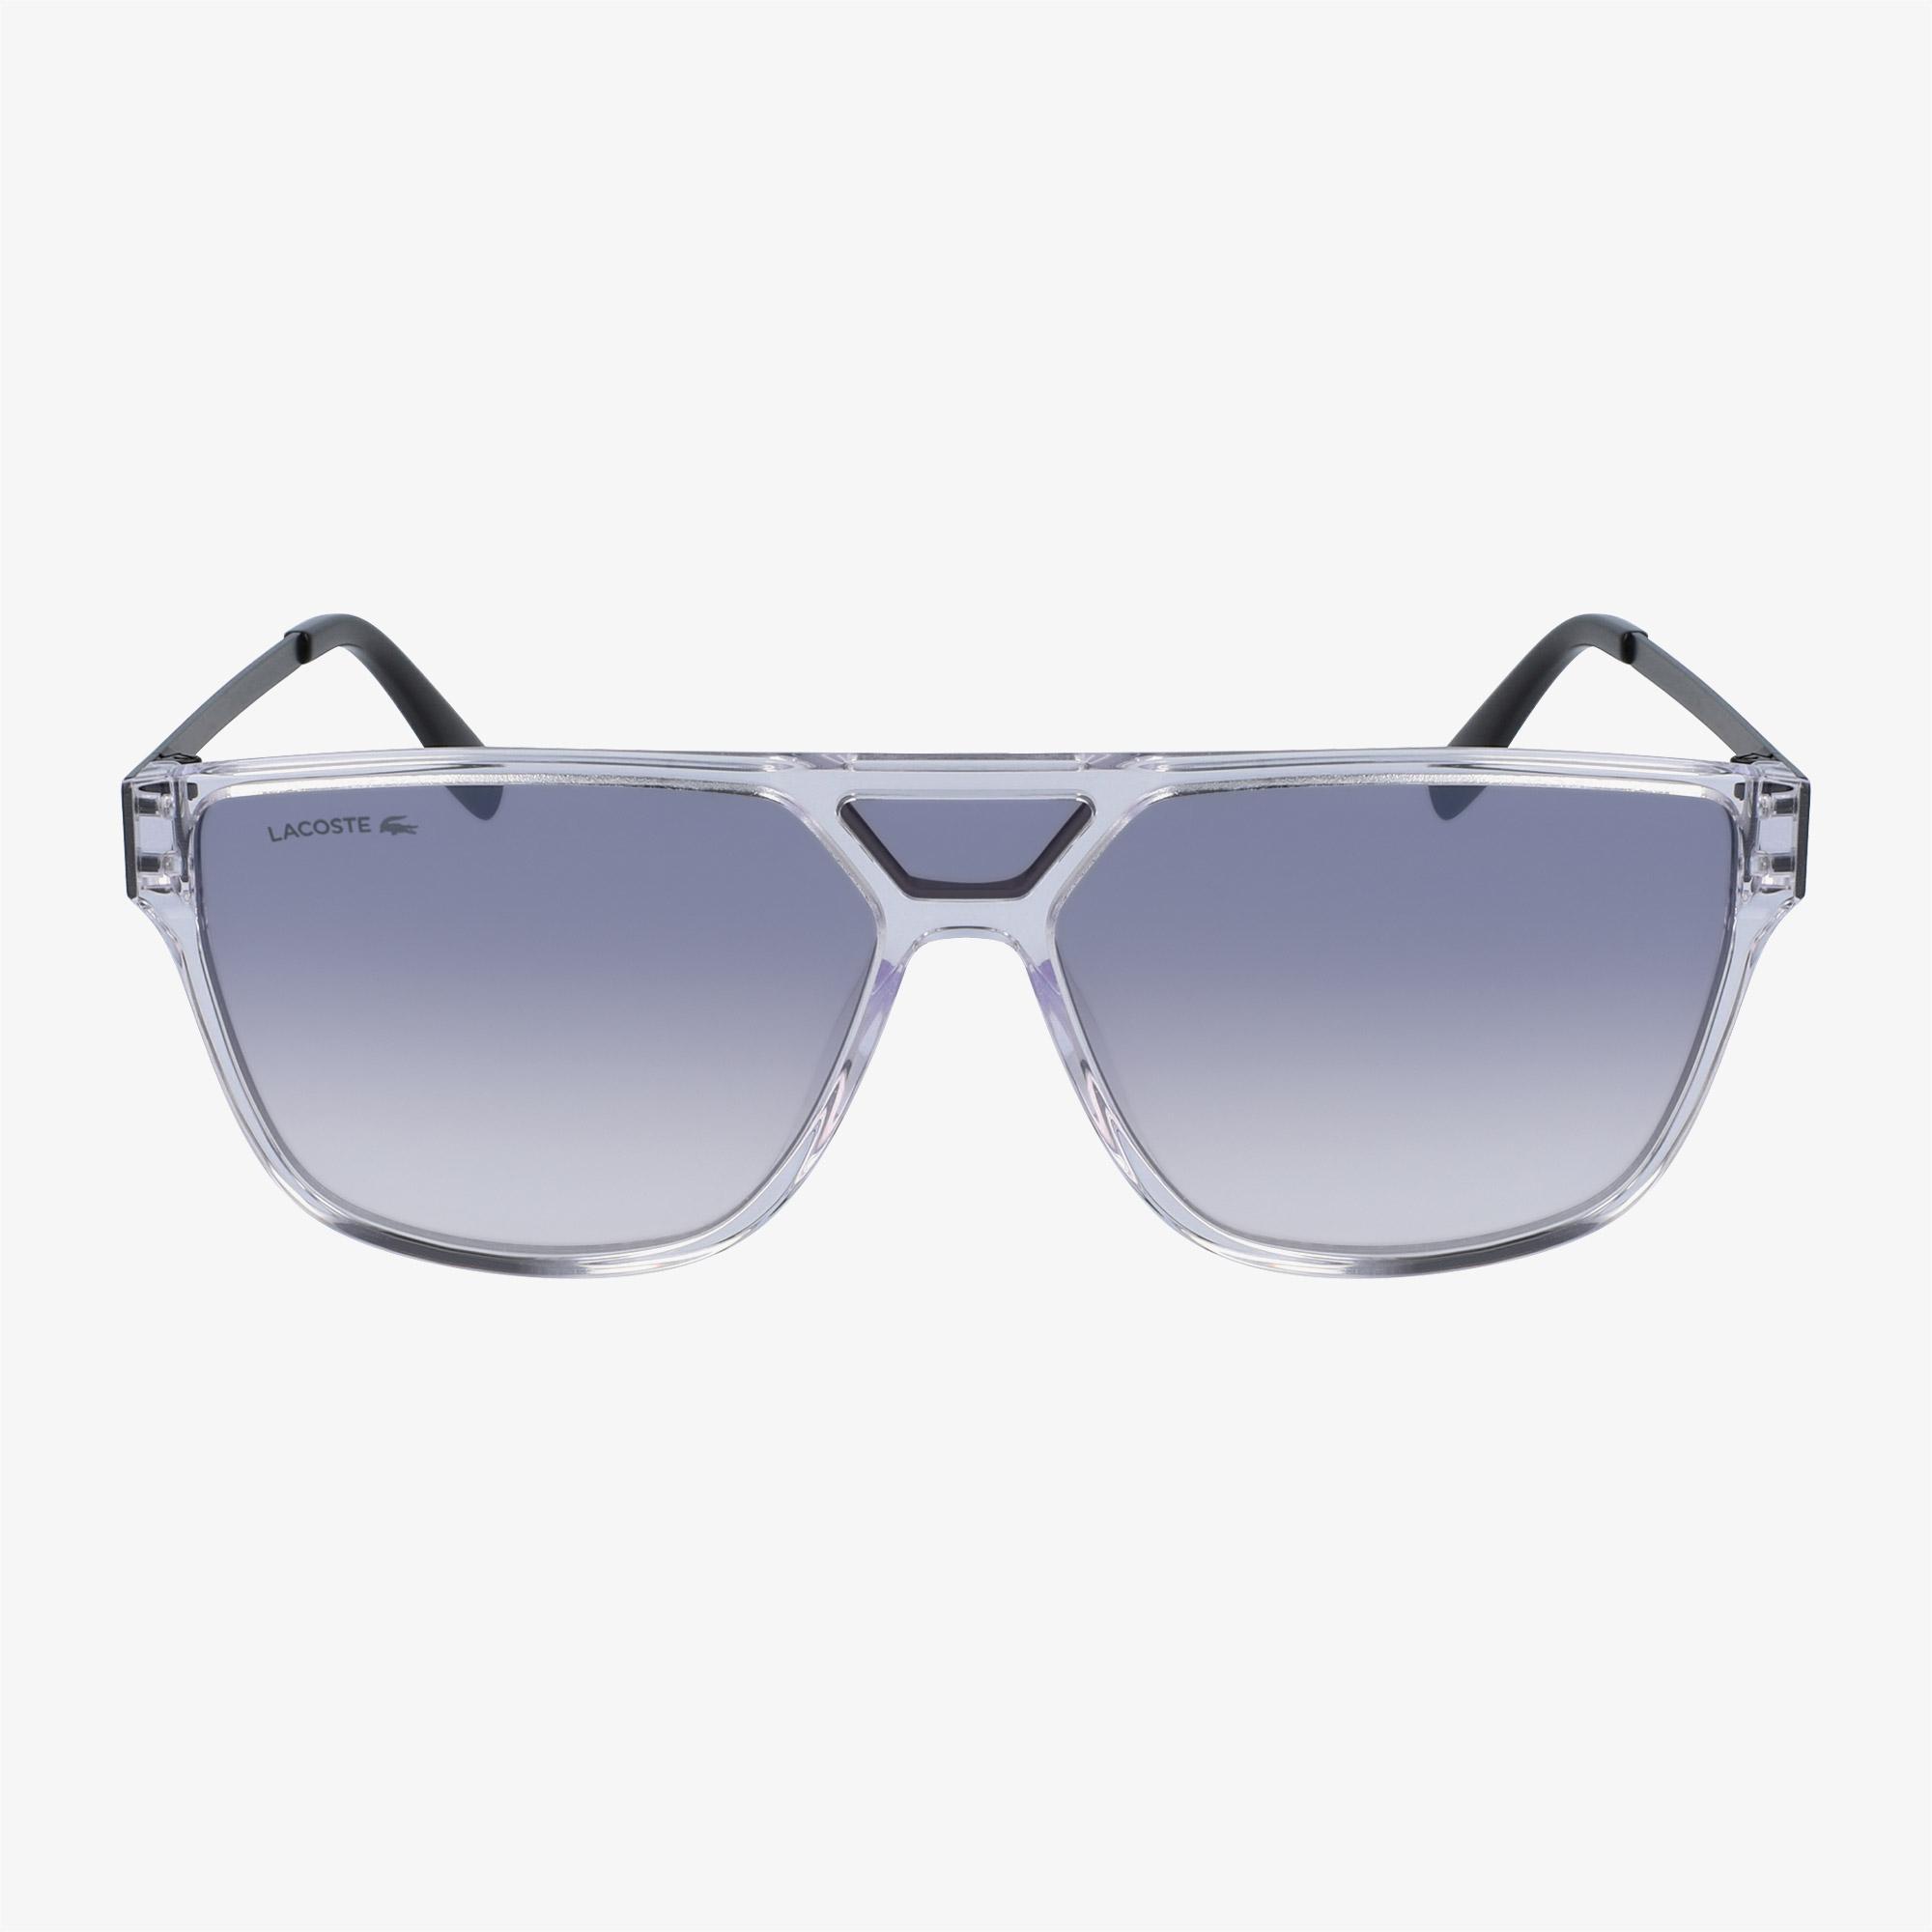 Lacoste Unisex Şeffaf Gri Güneş Gözlüğü